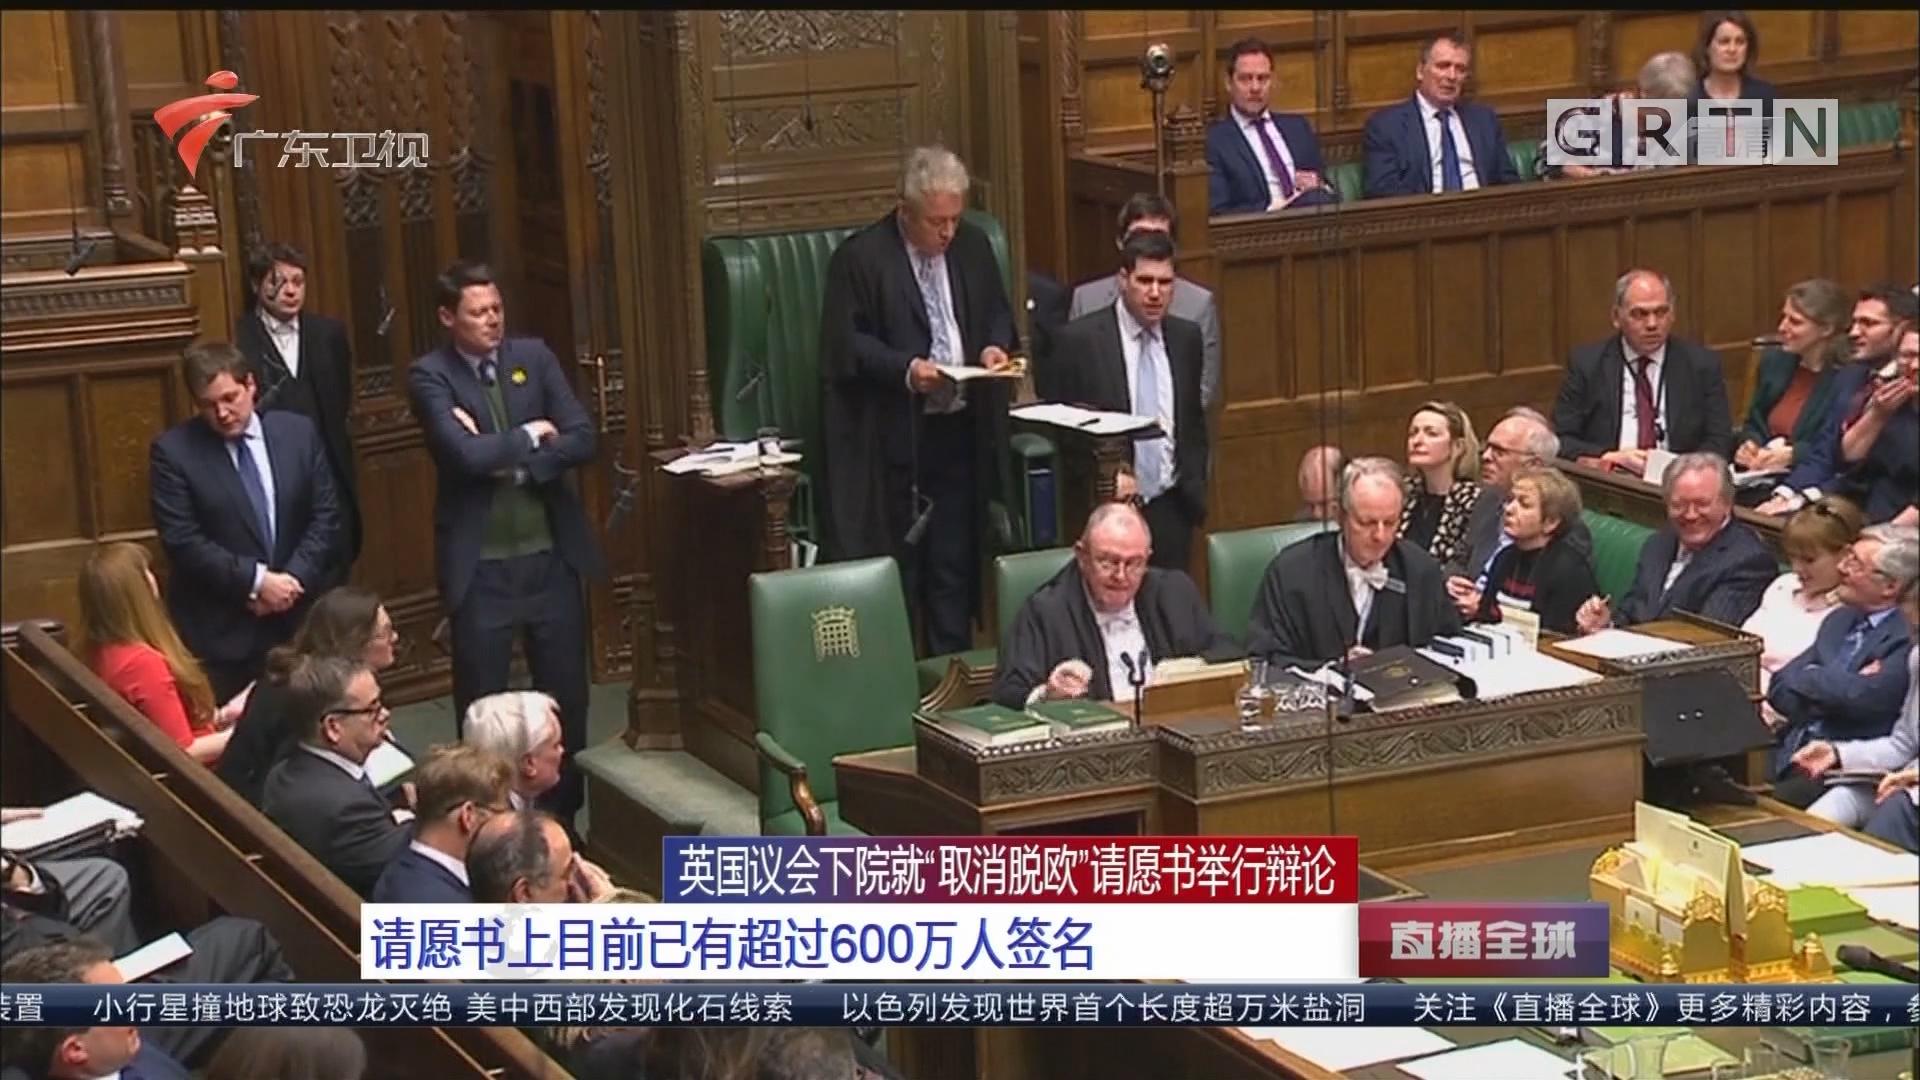 """英国议会下院就""""取消脱欧""""请愿书举行辩论:请愿书上目前已有超过600万人签名"""